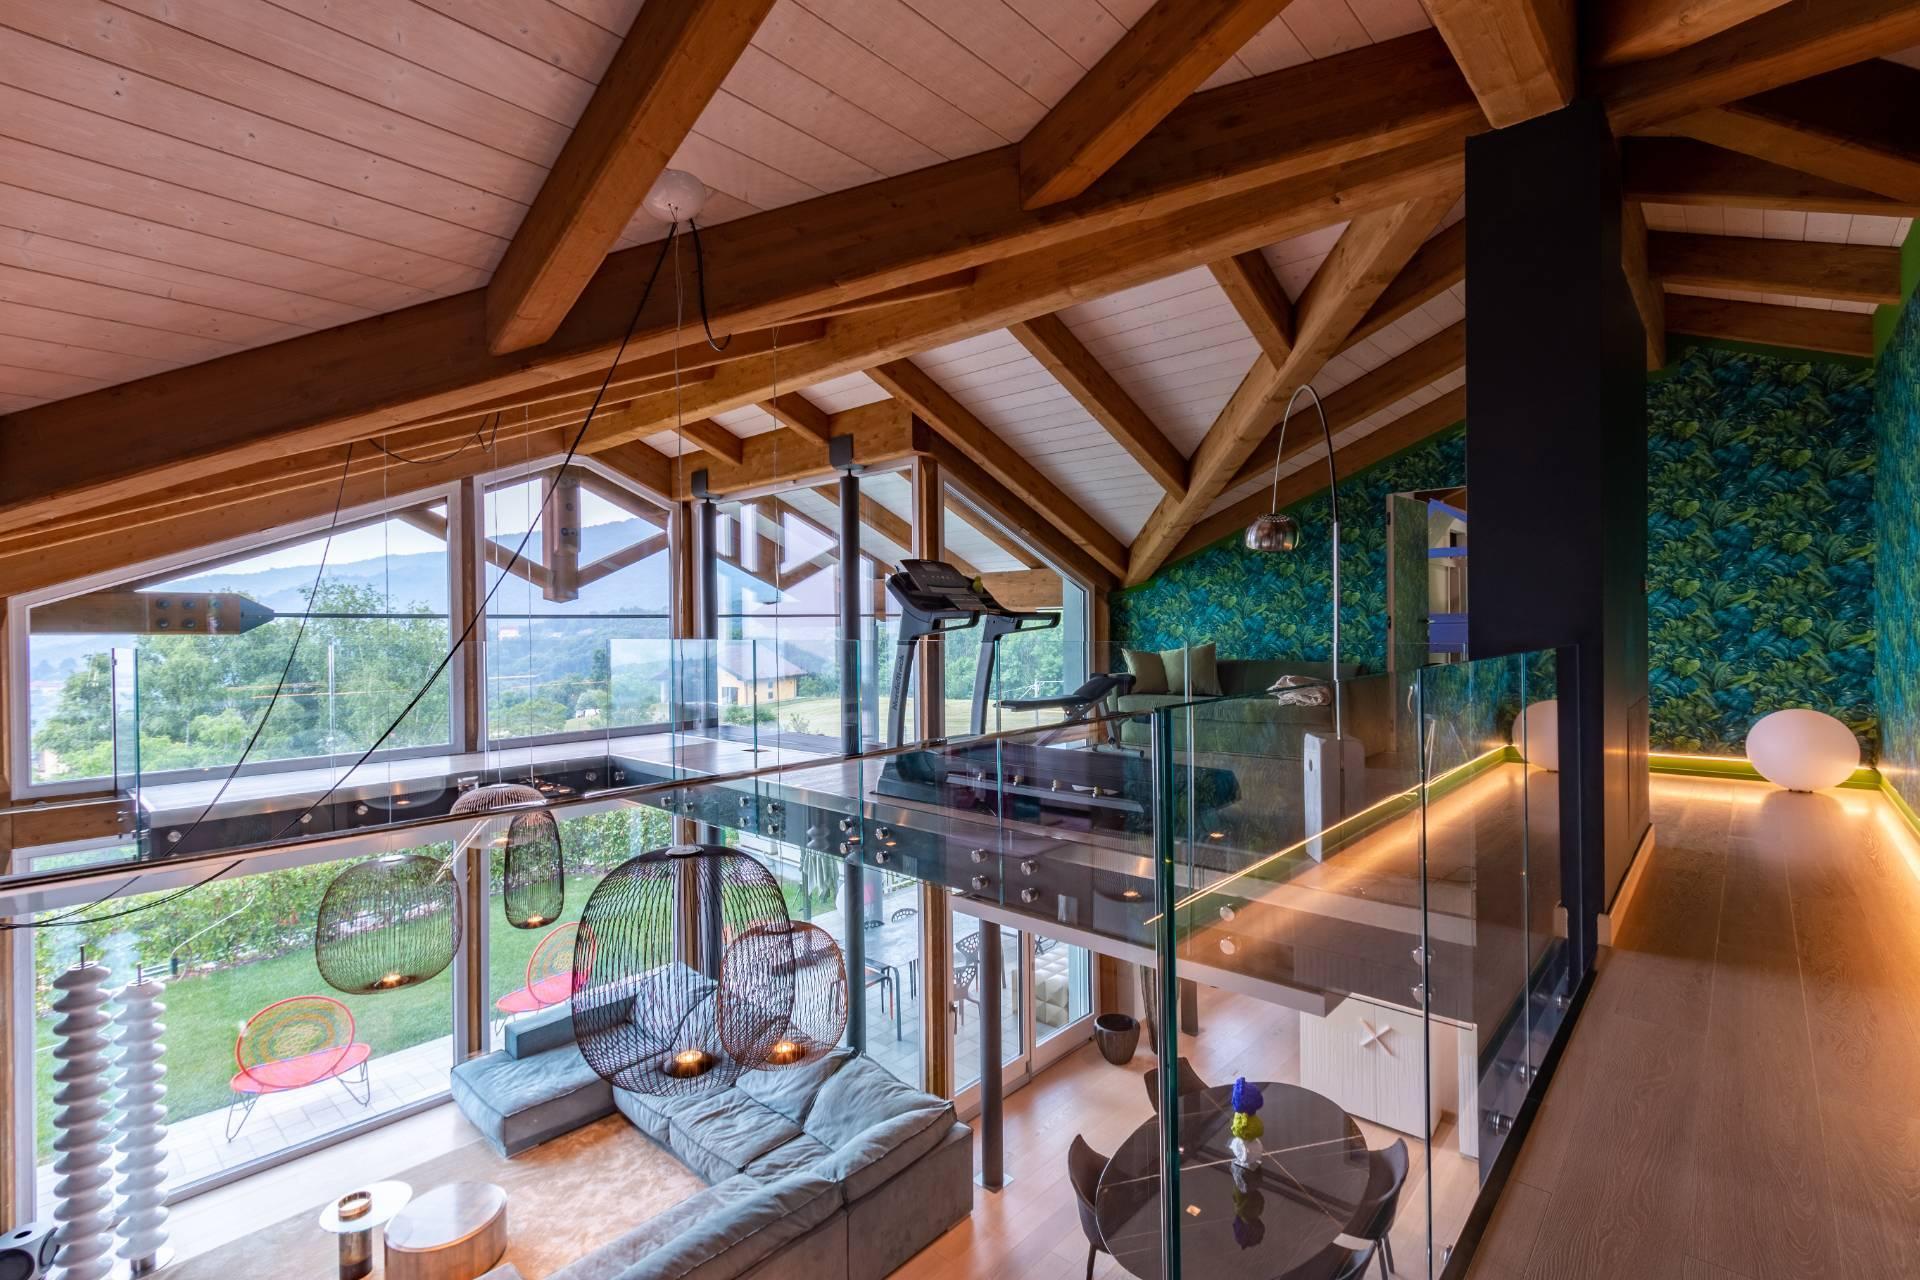 Villa in vendita a Forno Canavese, 17 locali, zona Località: Centro, prezzo € 1.600.000 | CambioCasa.it